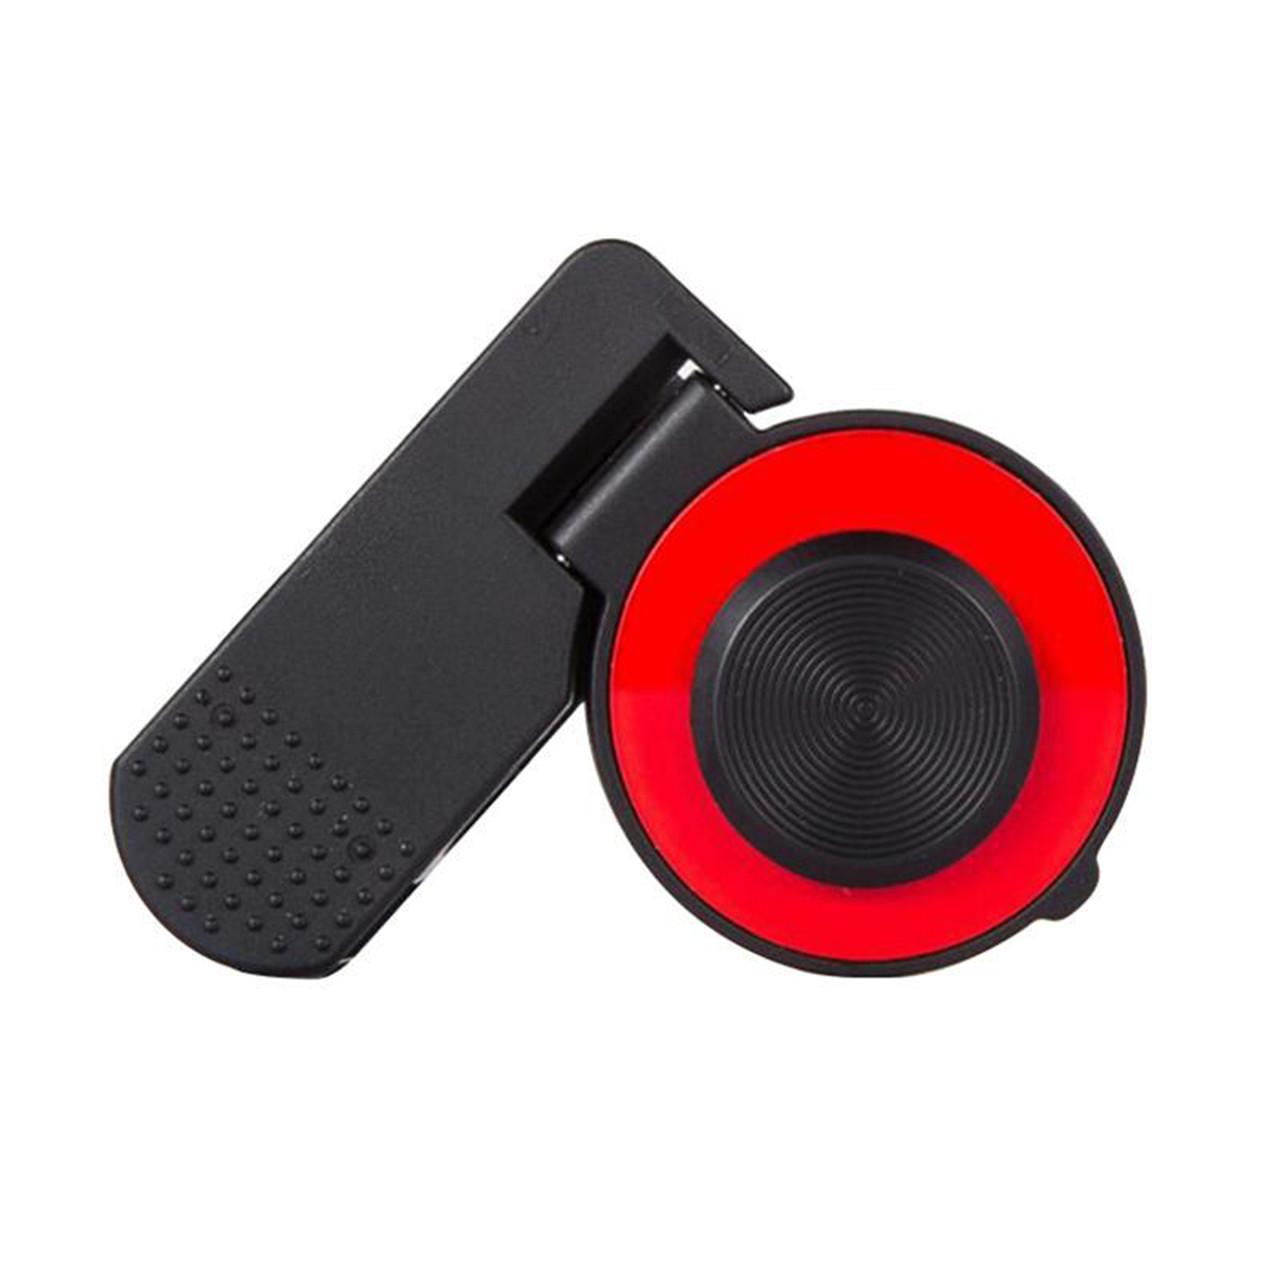 Игровой триггер Lesko A12 Red для смартфонов беспроводной (3203-9178)